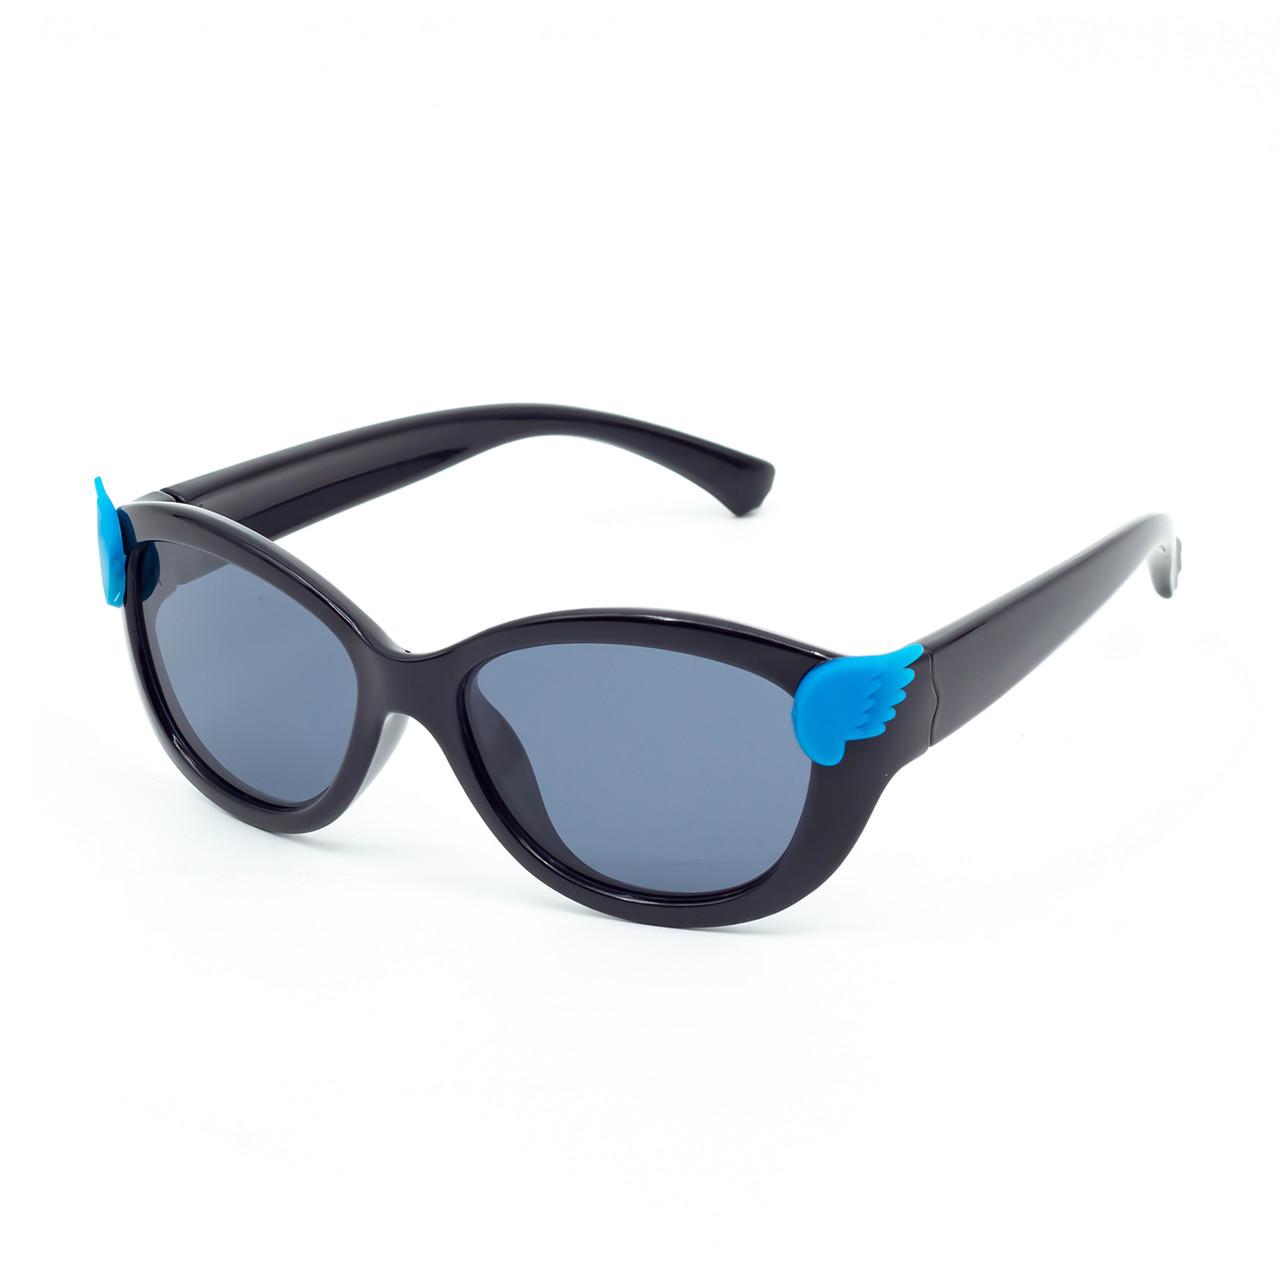 Сонцезахисні окуляри Marmilen P1860 C1 чорні ( KAP1860-01 )